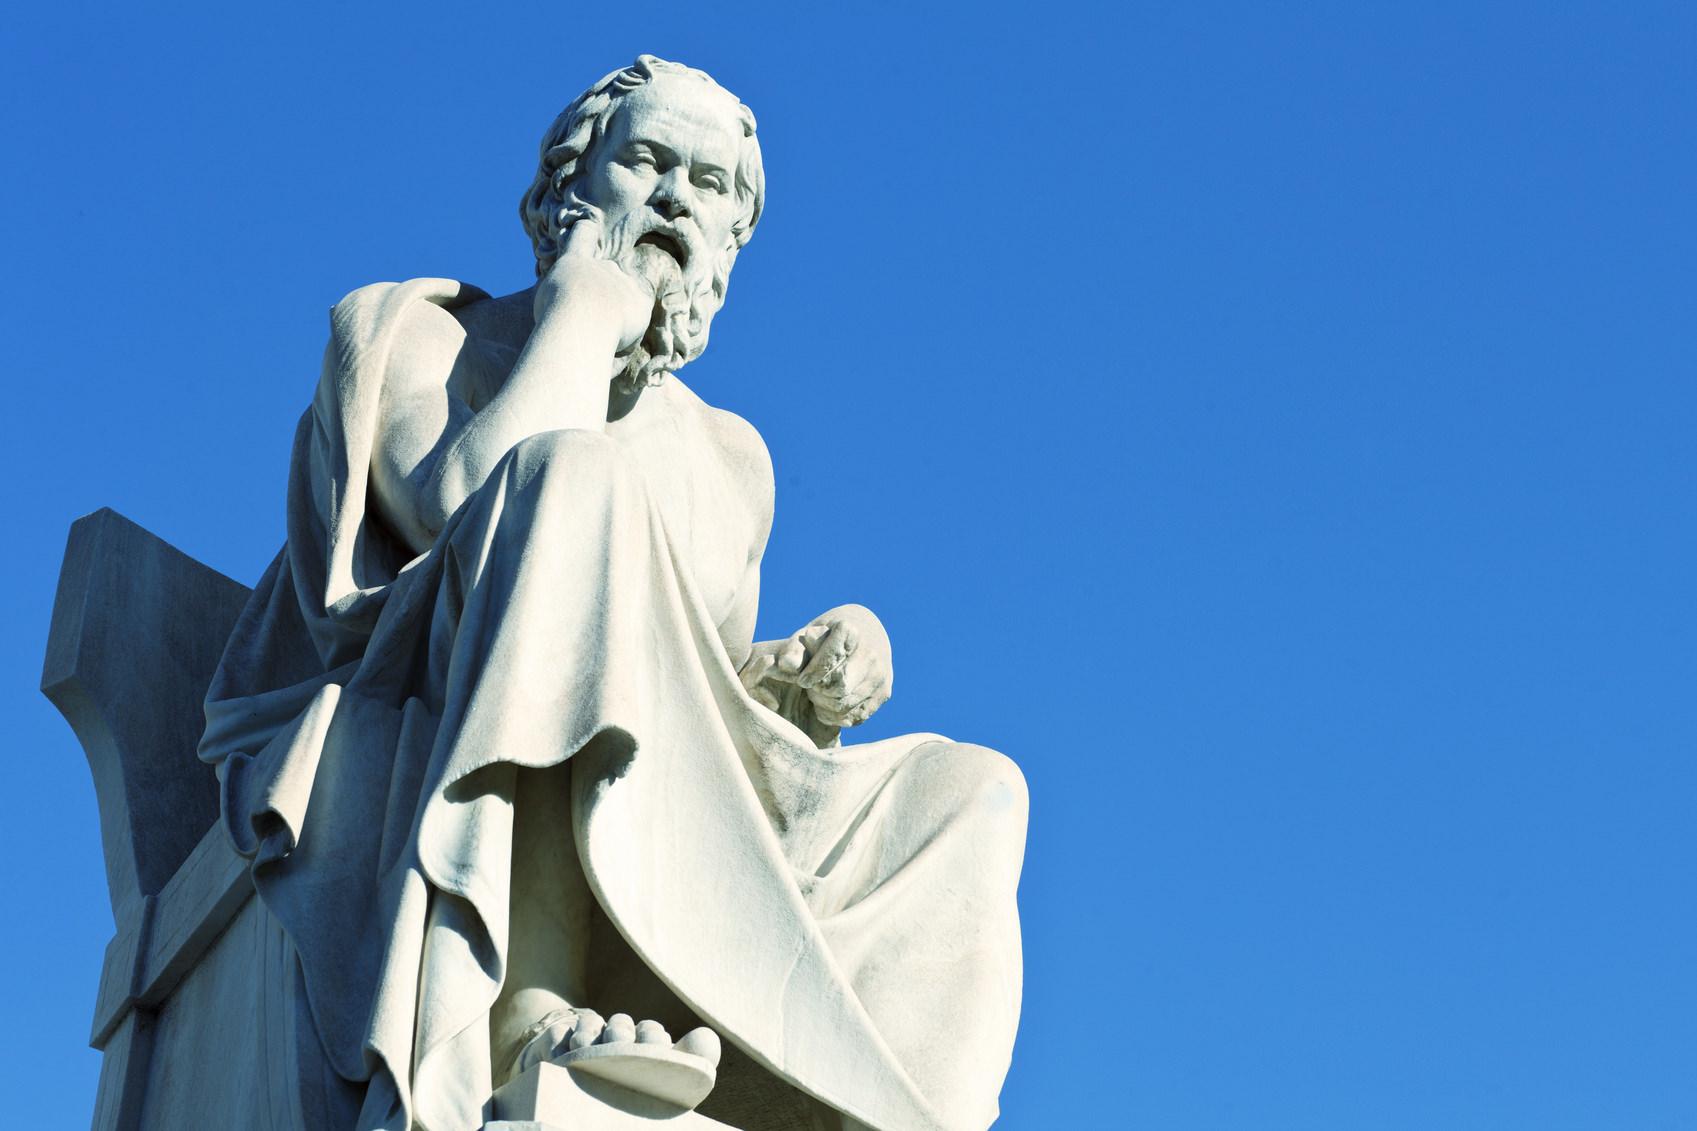 Socrates statue, instagram look